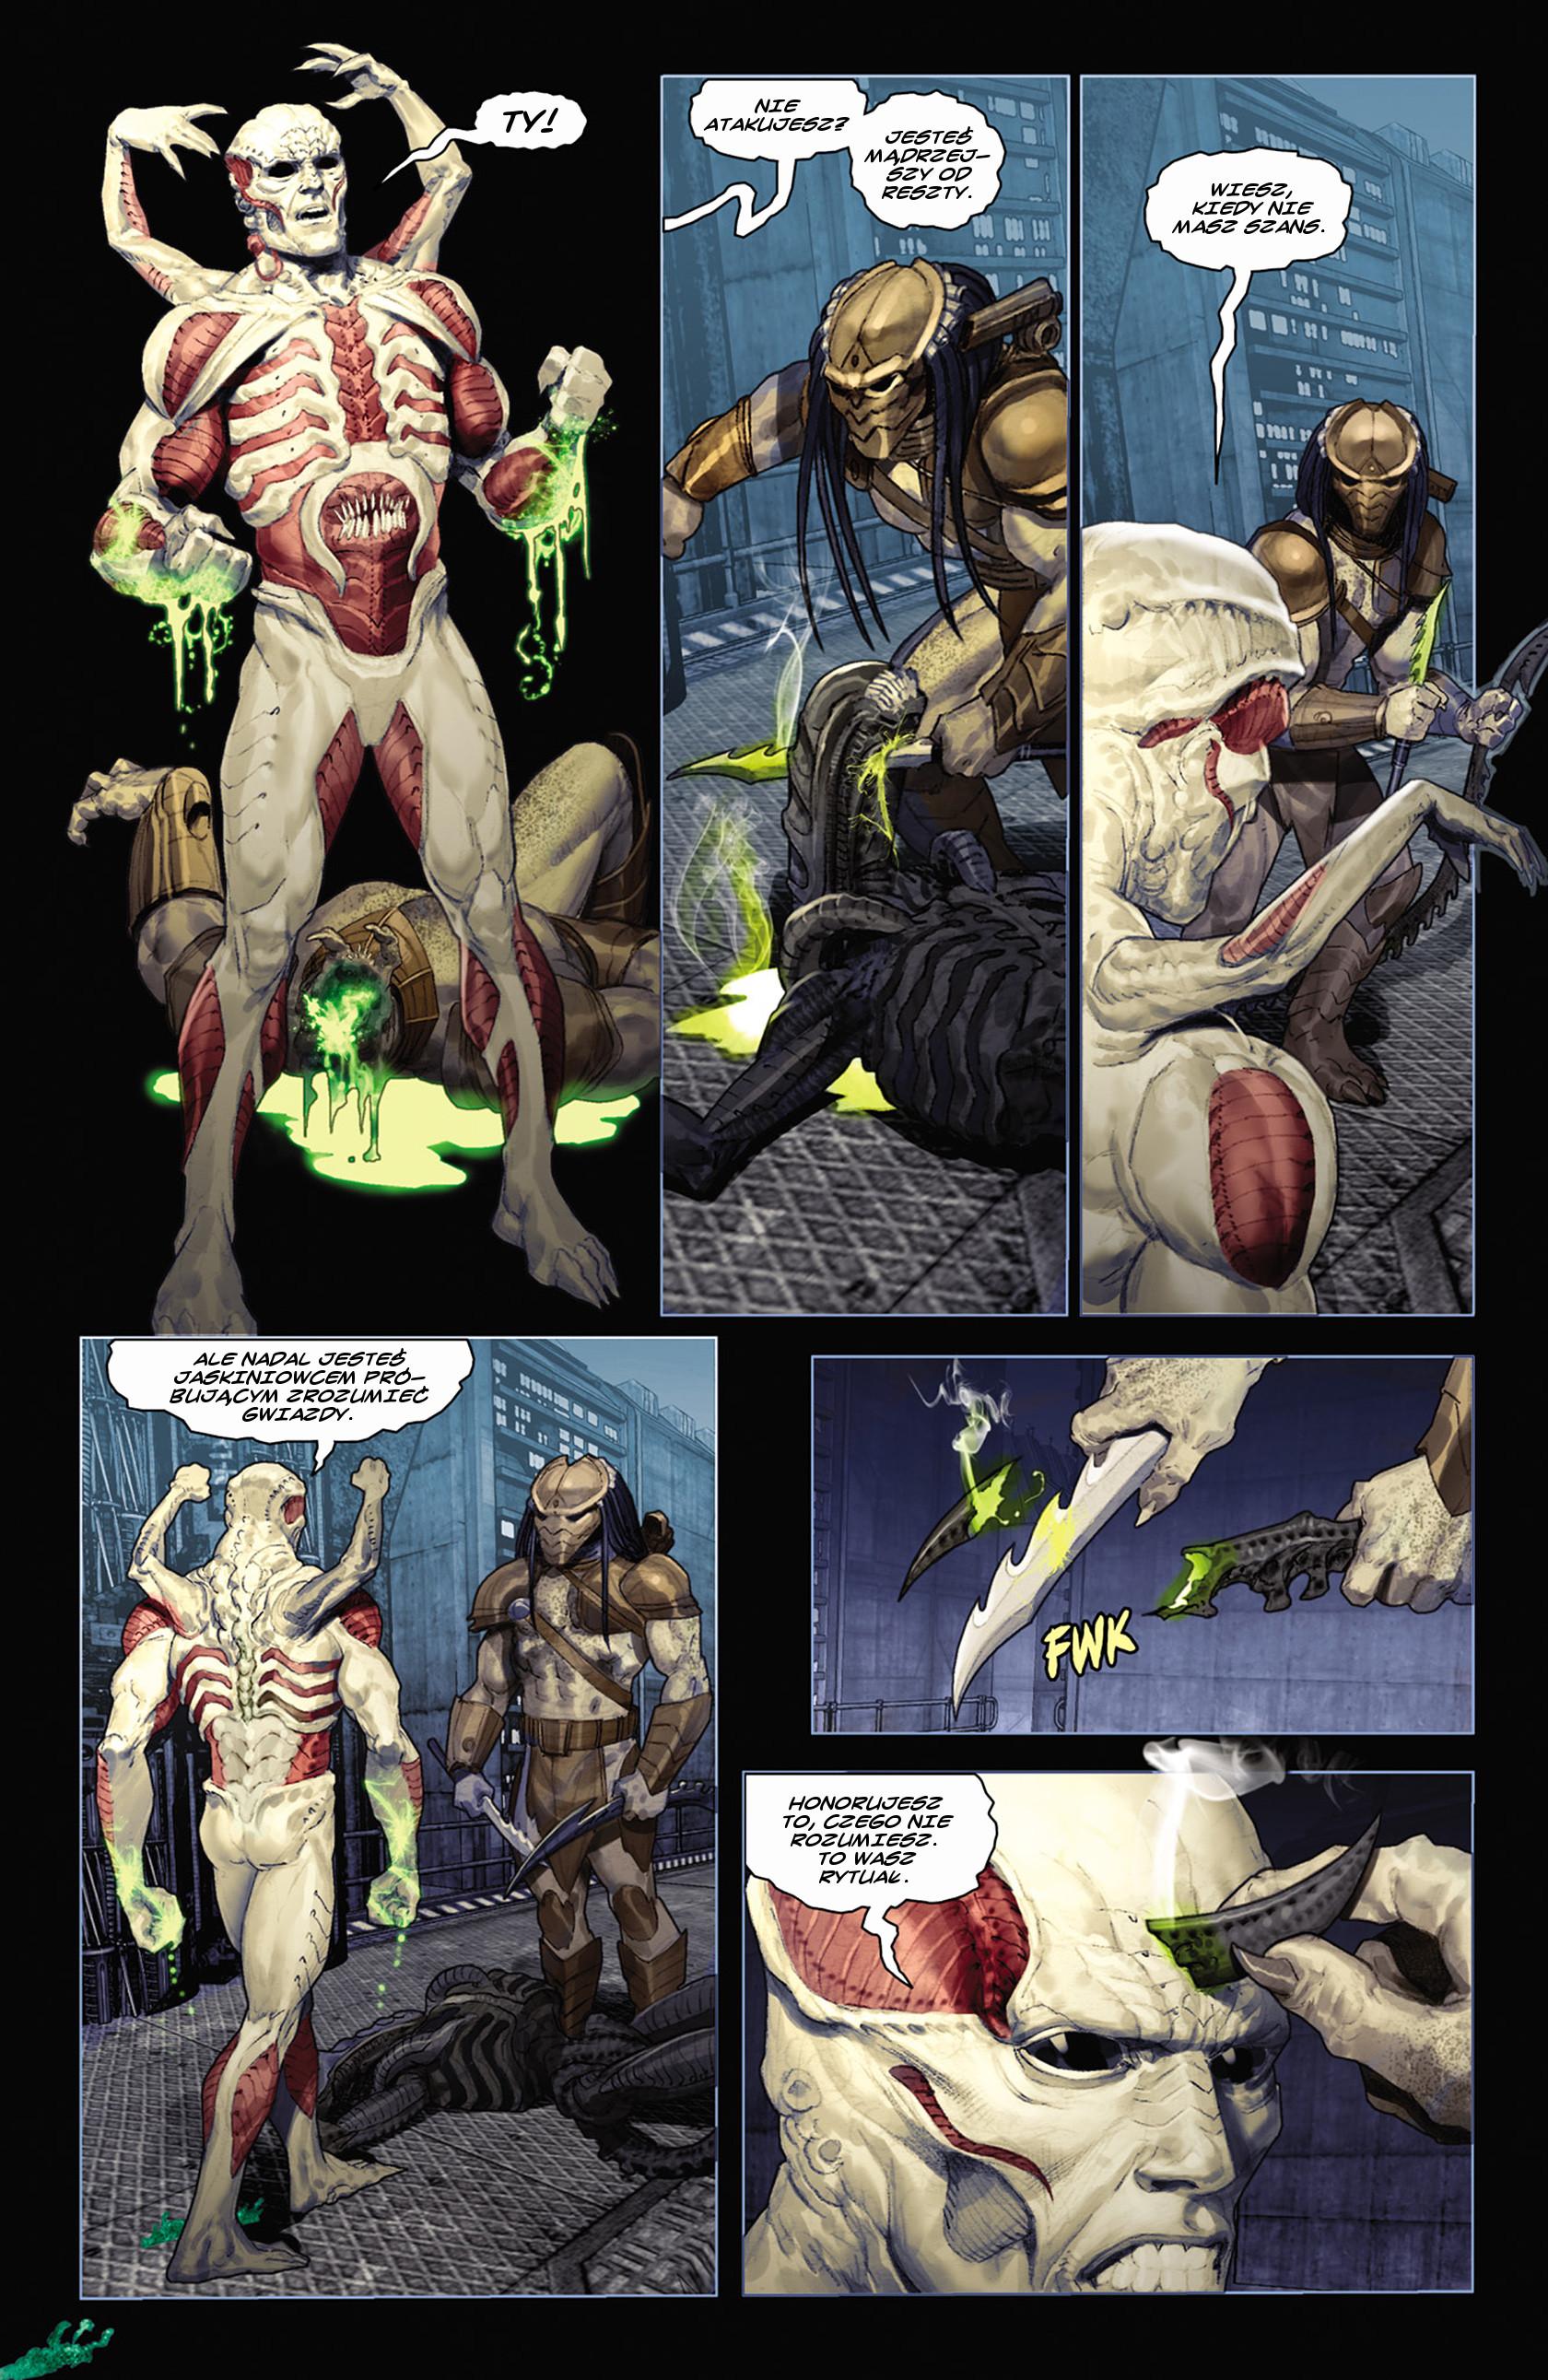 Read online Alien vs. Predator: Fire and Stone comic -  Issue #2 - 11